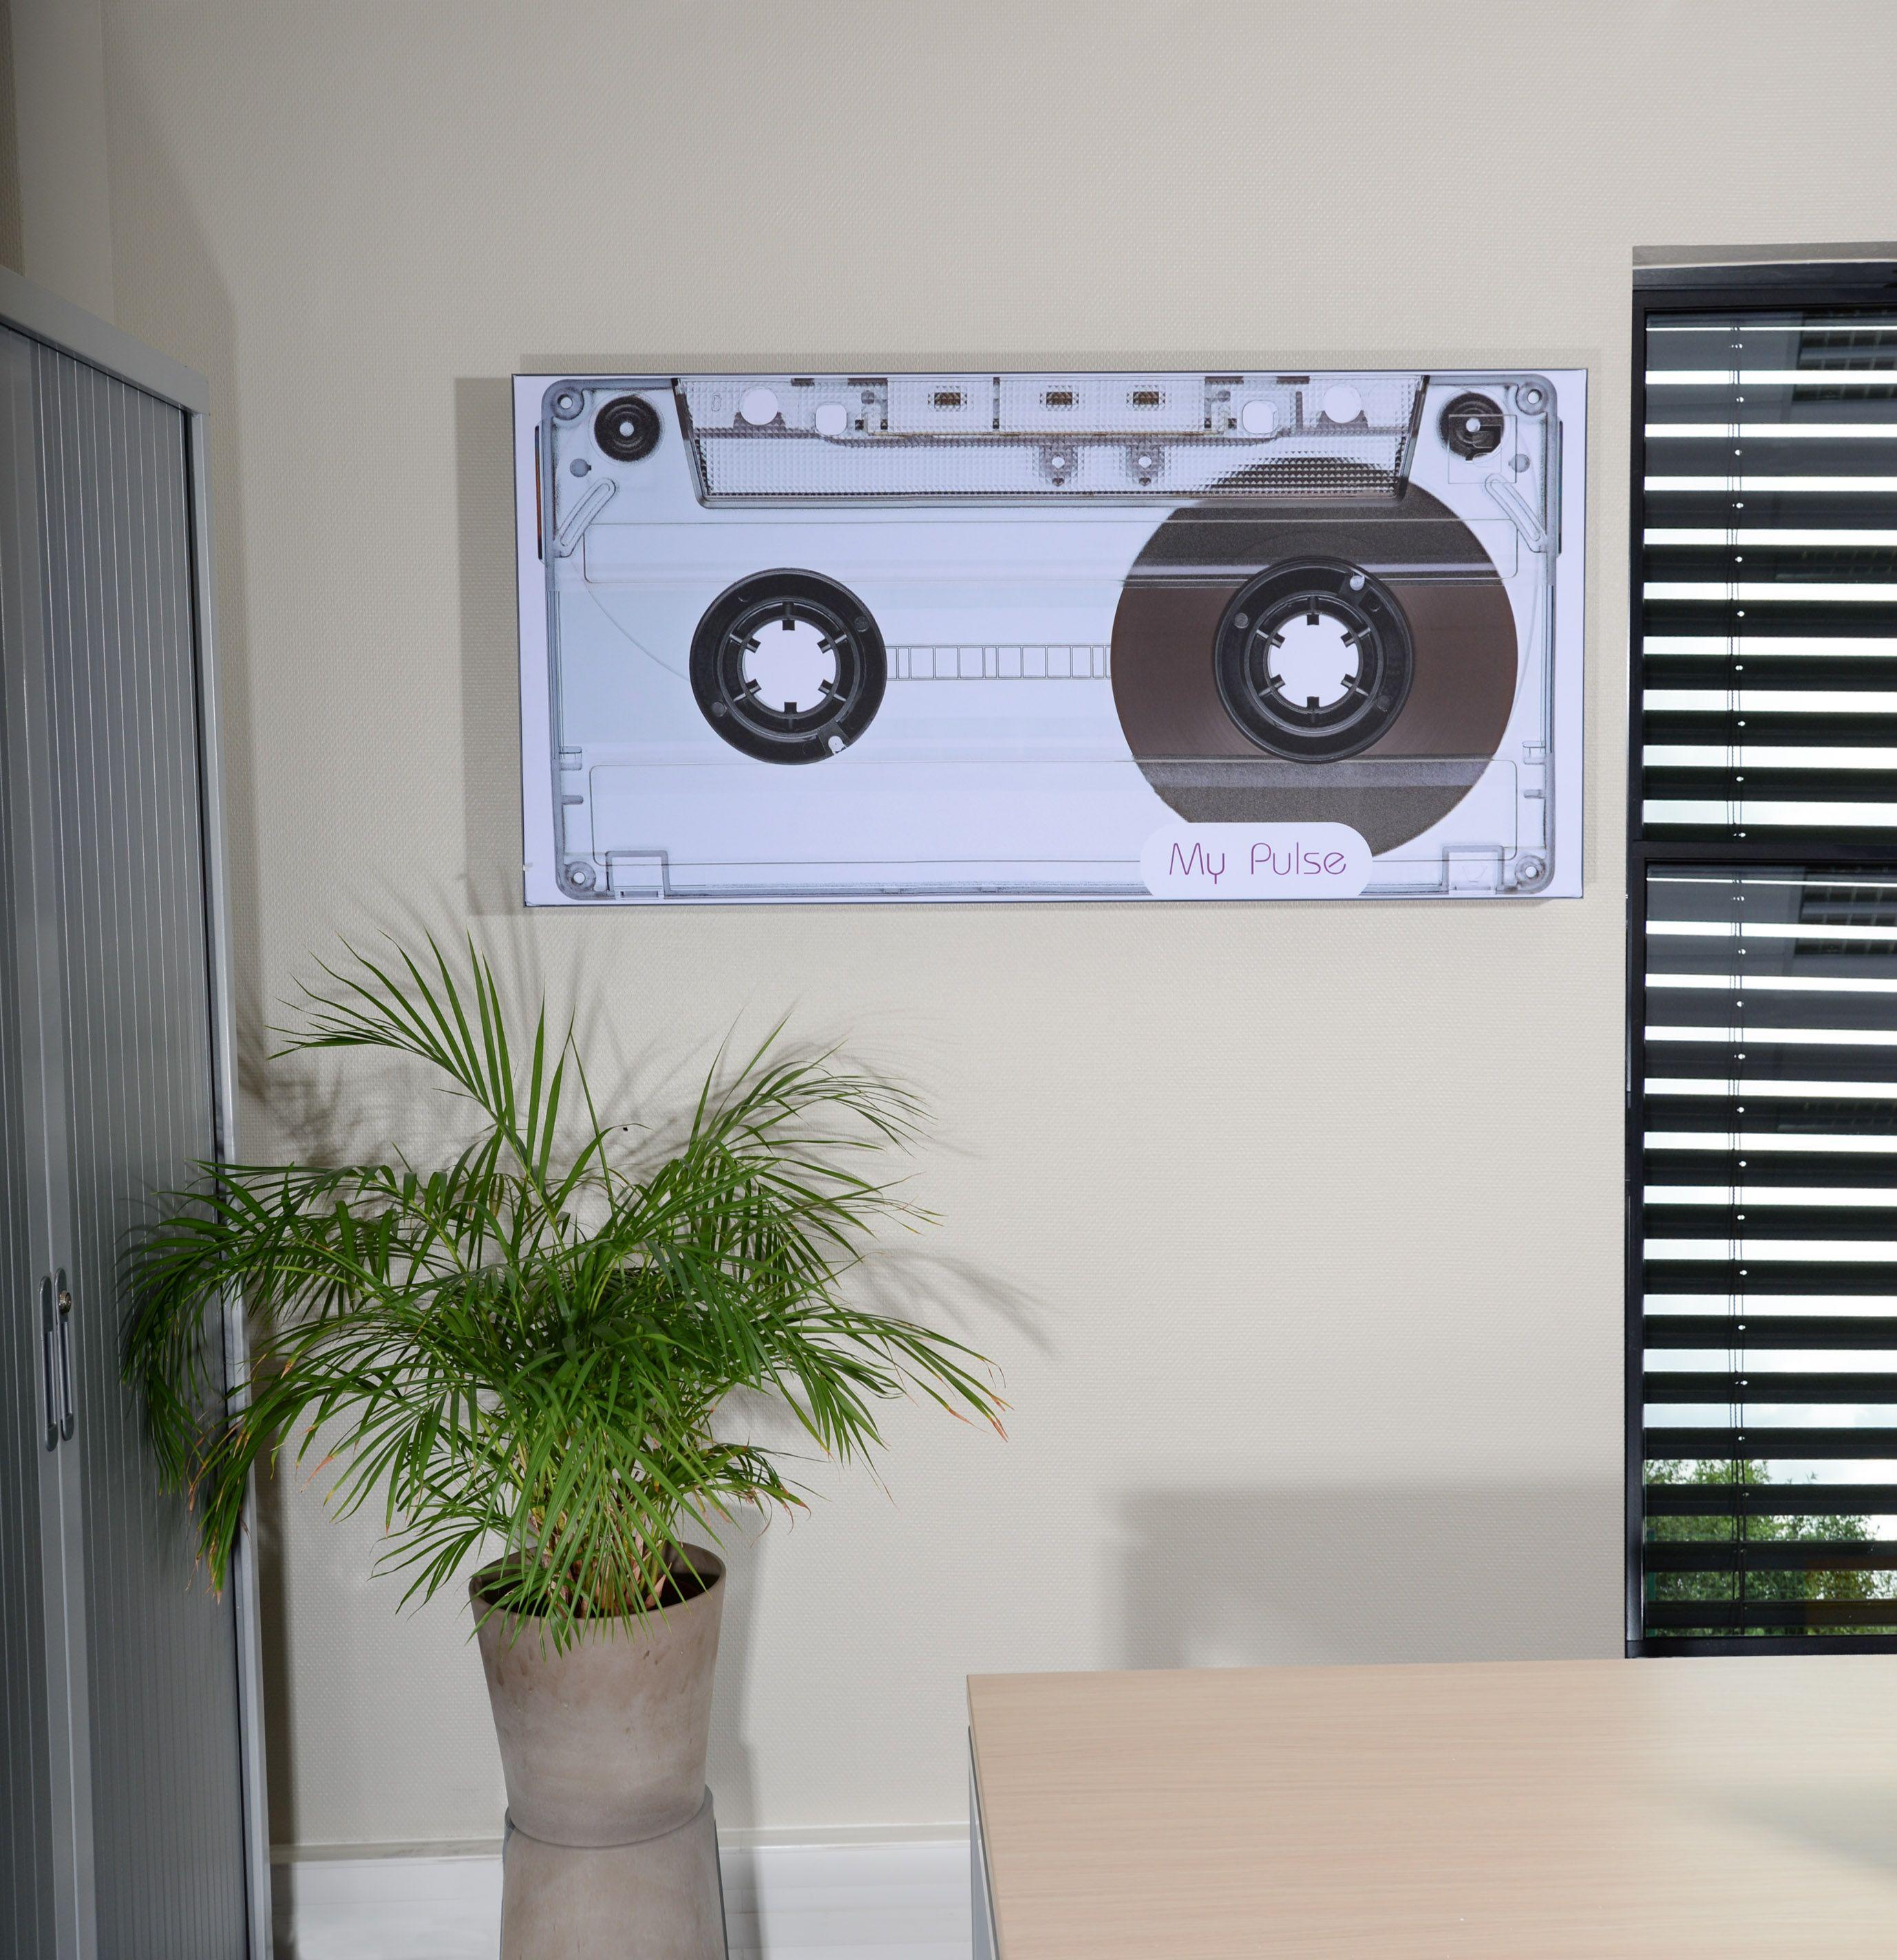 cadre mural avec enceinte int gr e cadre personnalisable avec sa toile tendue disposant d une. Black Bedroom Furniture Sets. Home Design Ideas